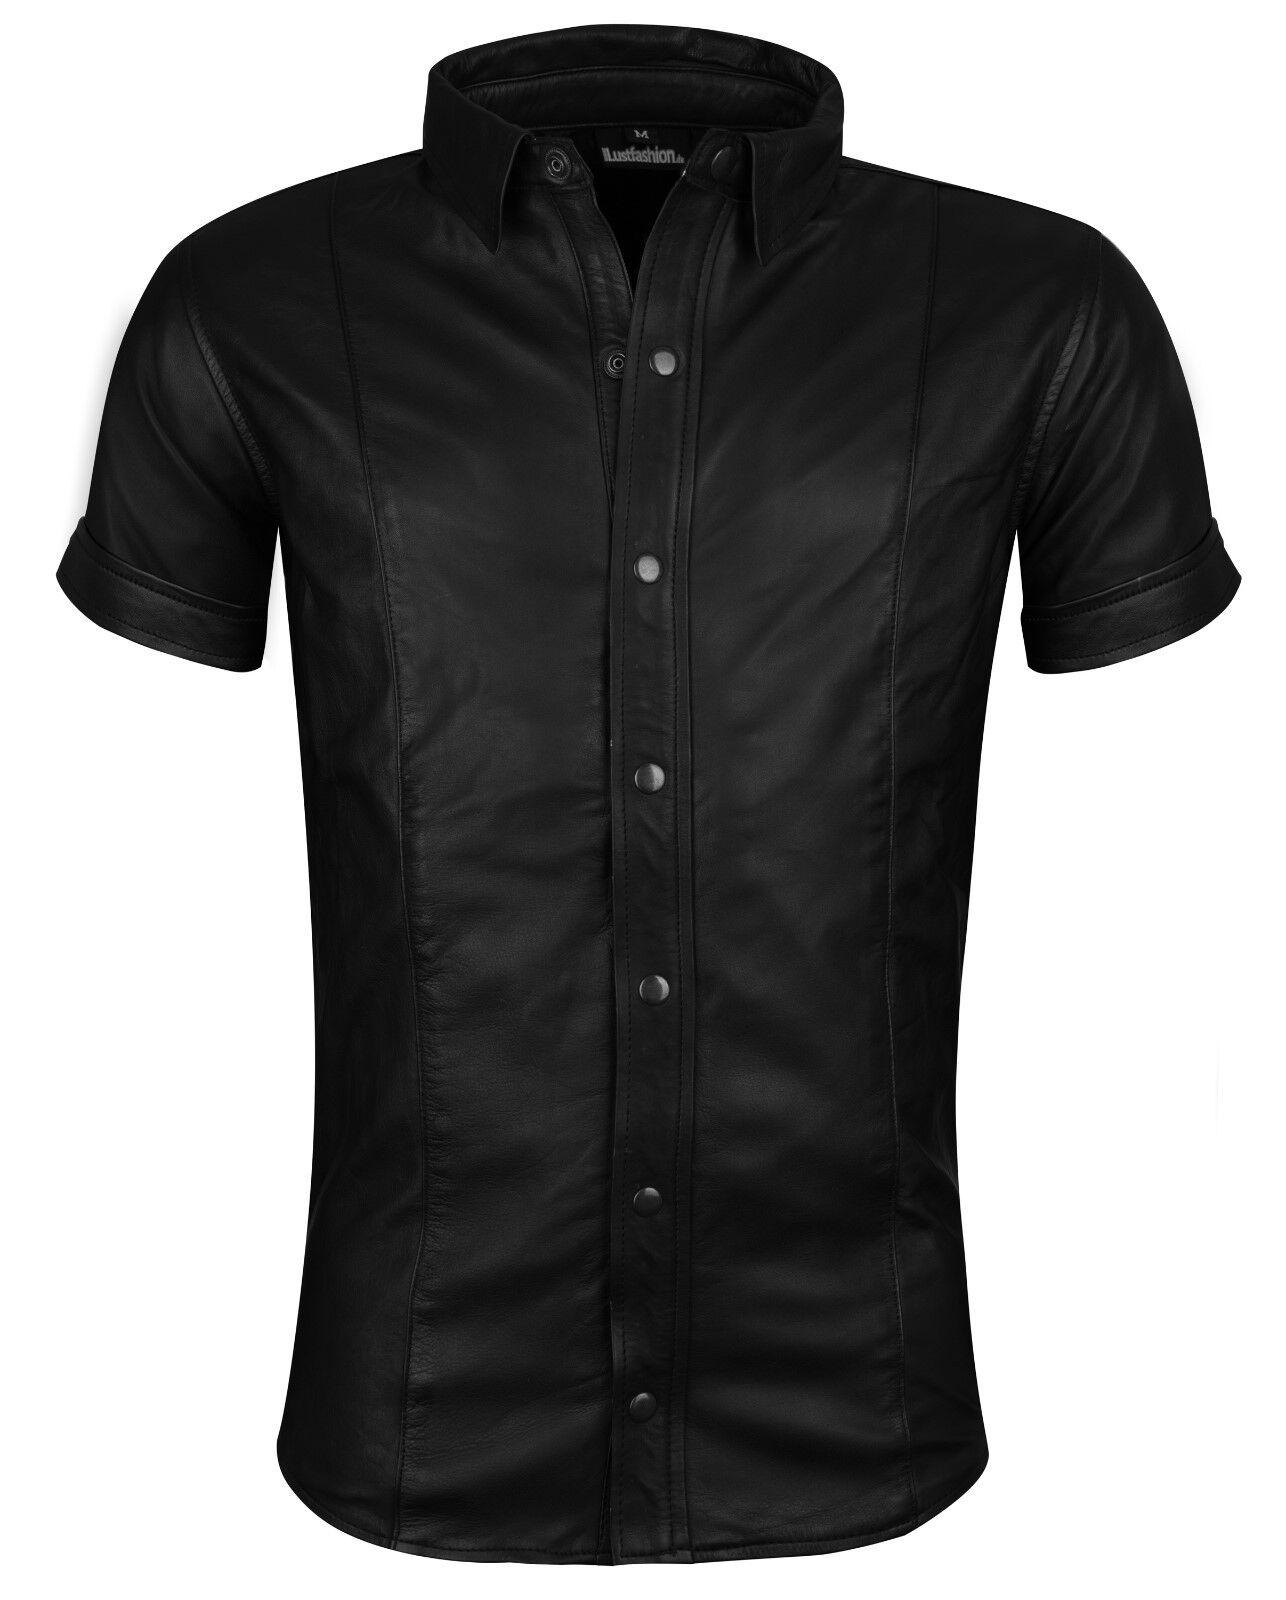 Camicia IN PELLE NUOVE NERO PELLE Camicia a maniche corte Leather Shirt nero chemise en cuir